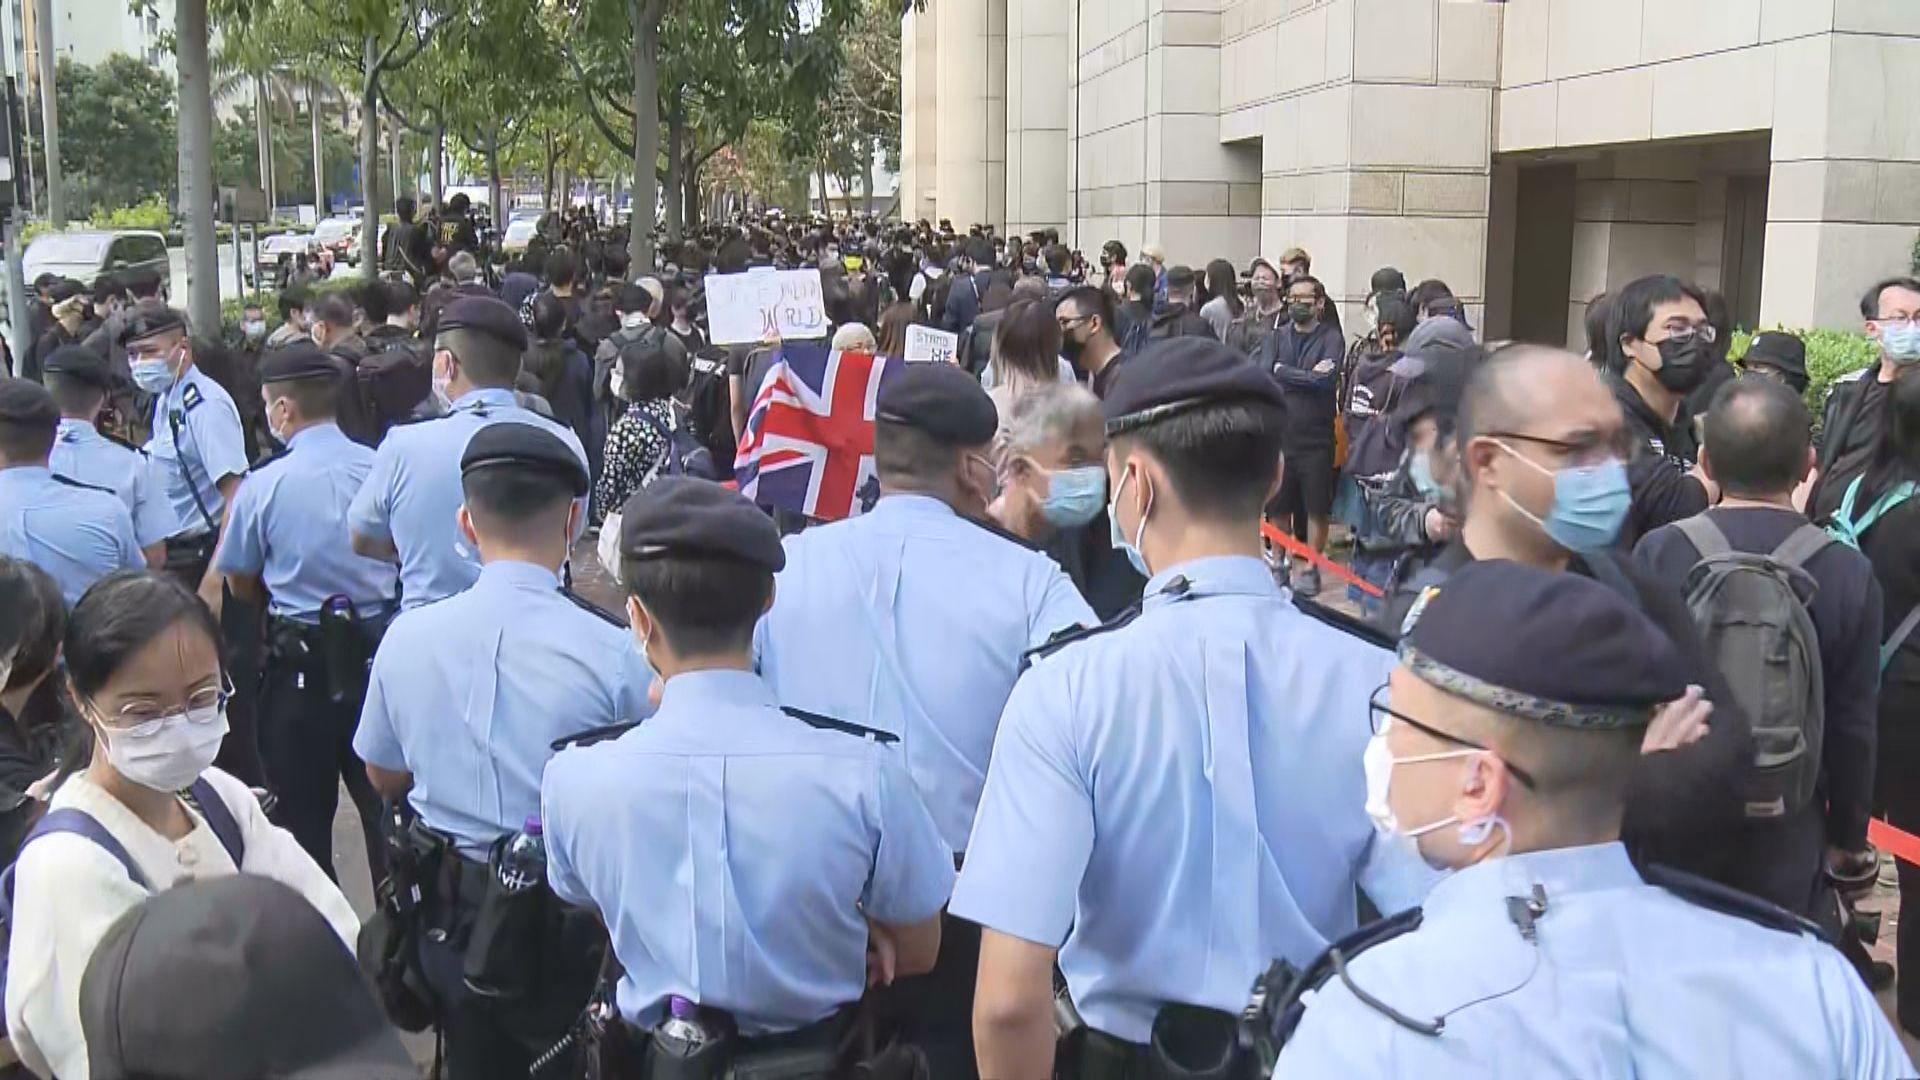 47人被控串謀顛覆國家政權 大批巿民未能入法院旁聽在外排隊等候